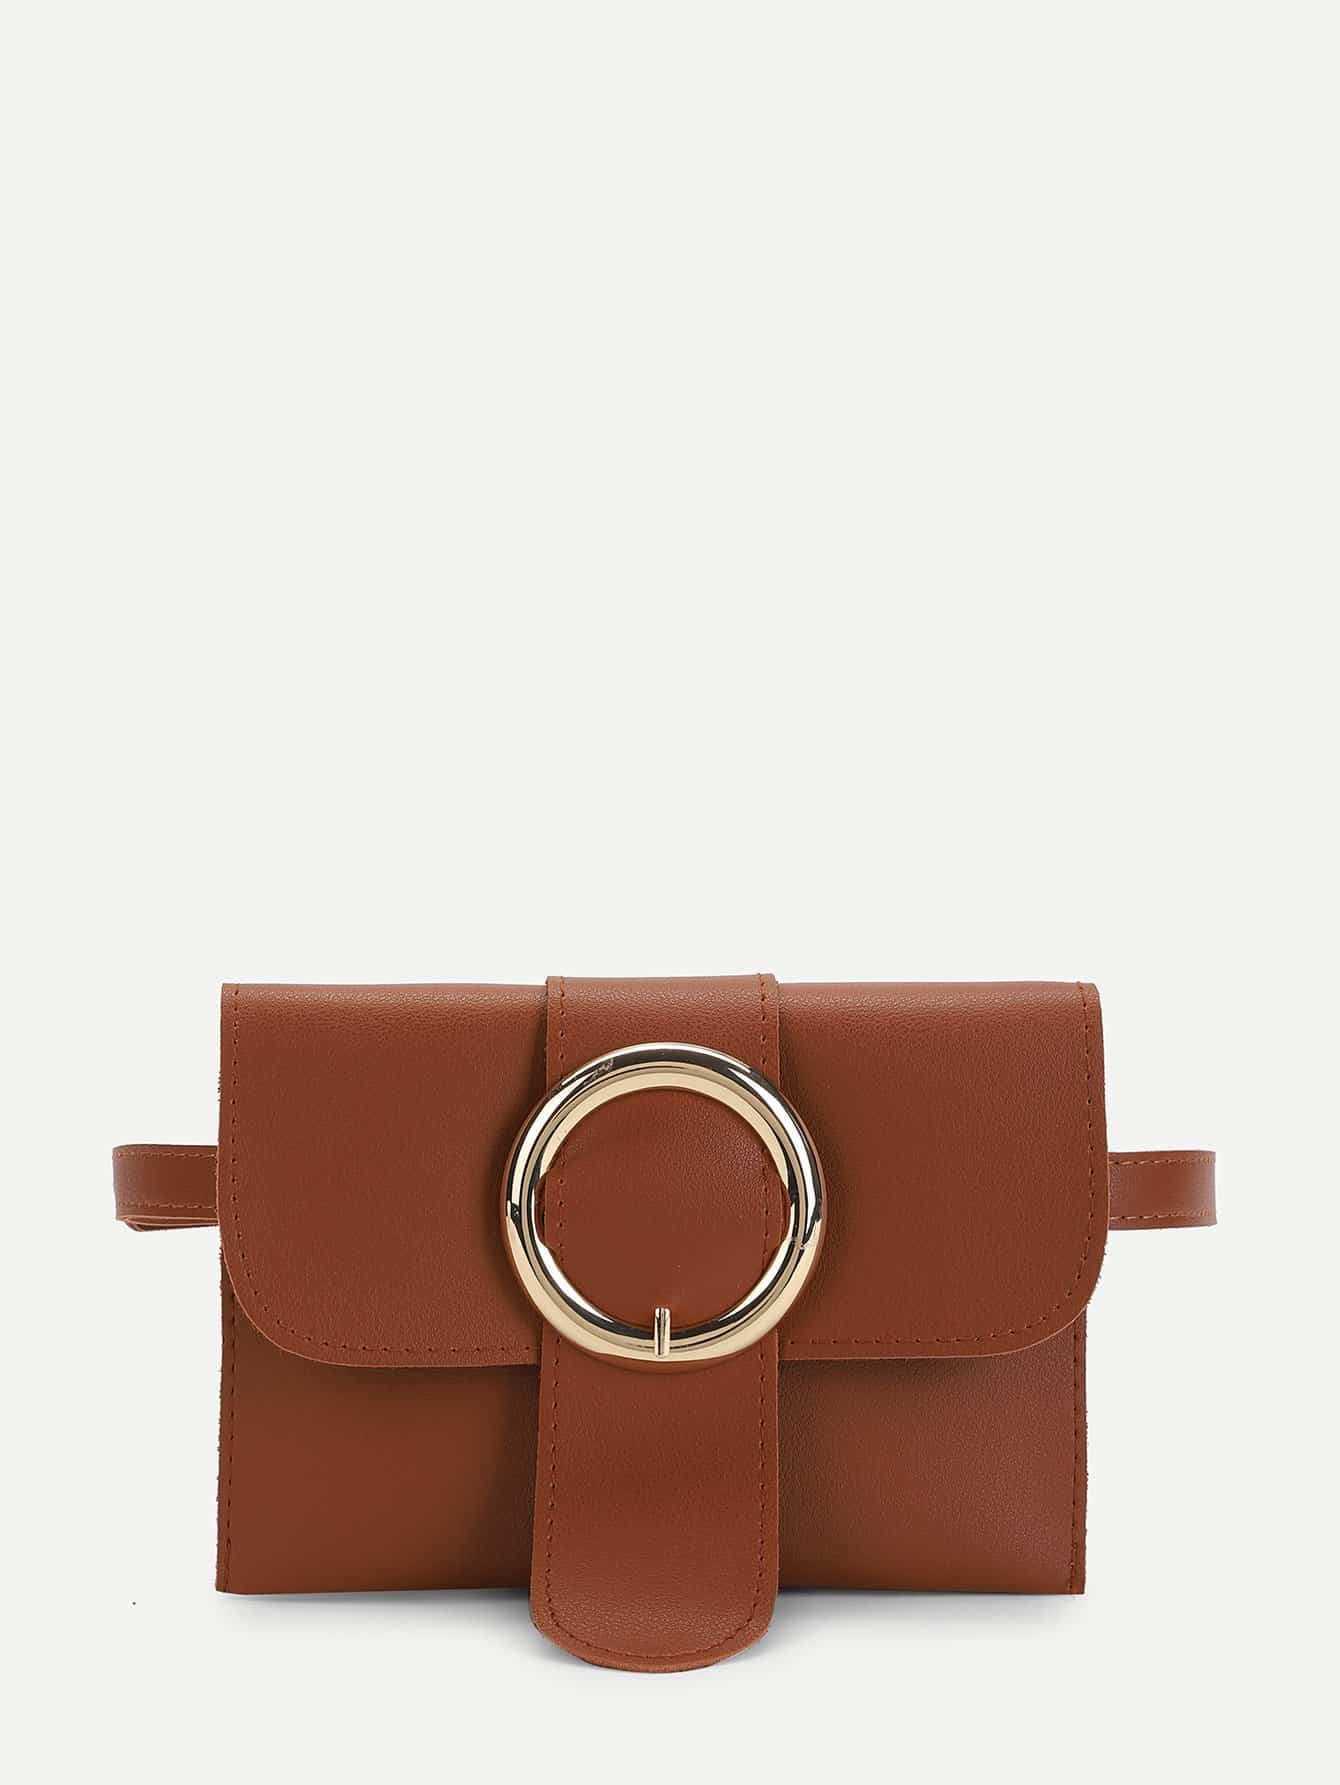 Buckle Detail Flap Bum Bag